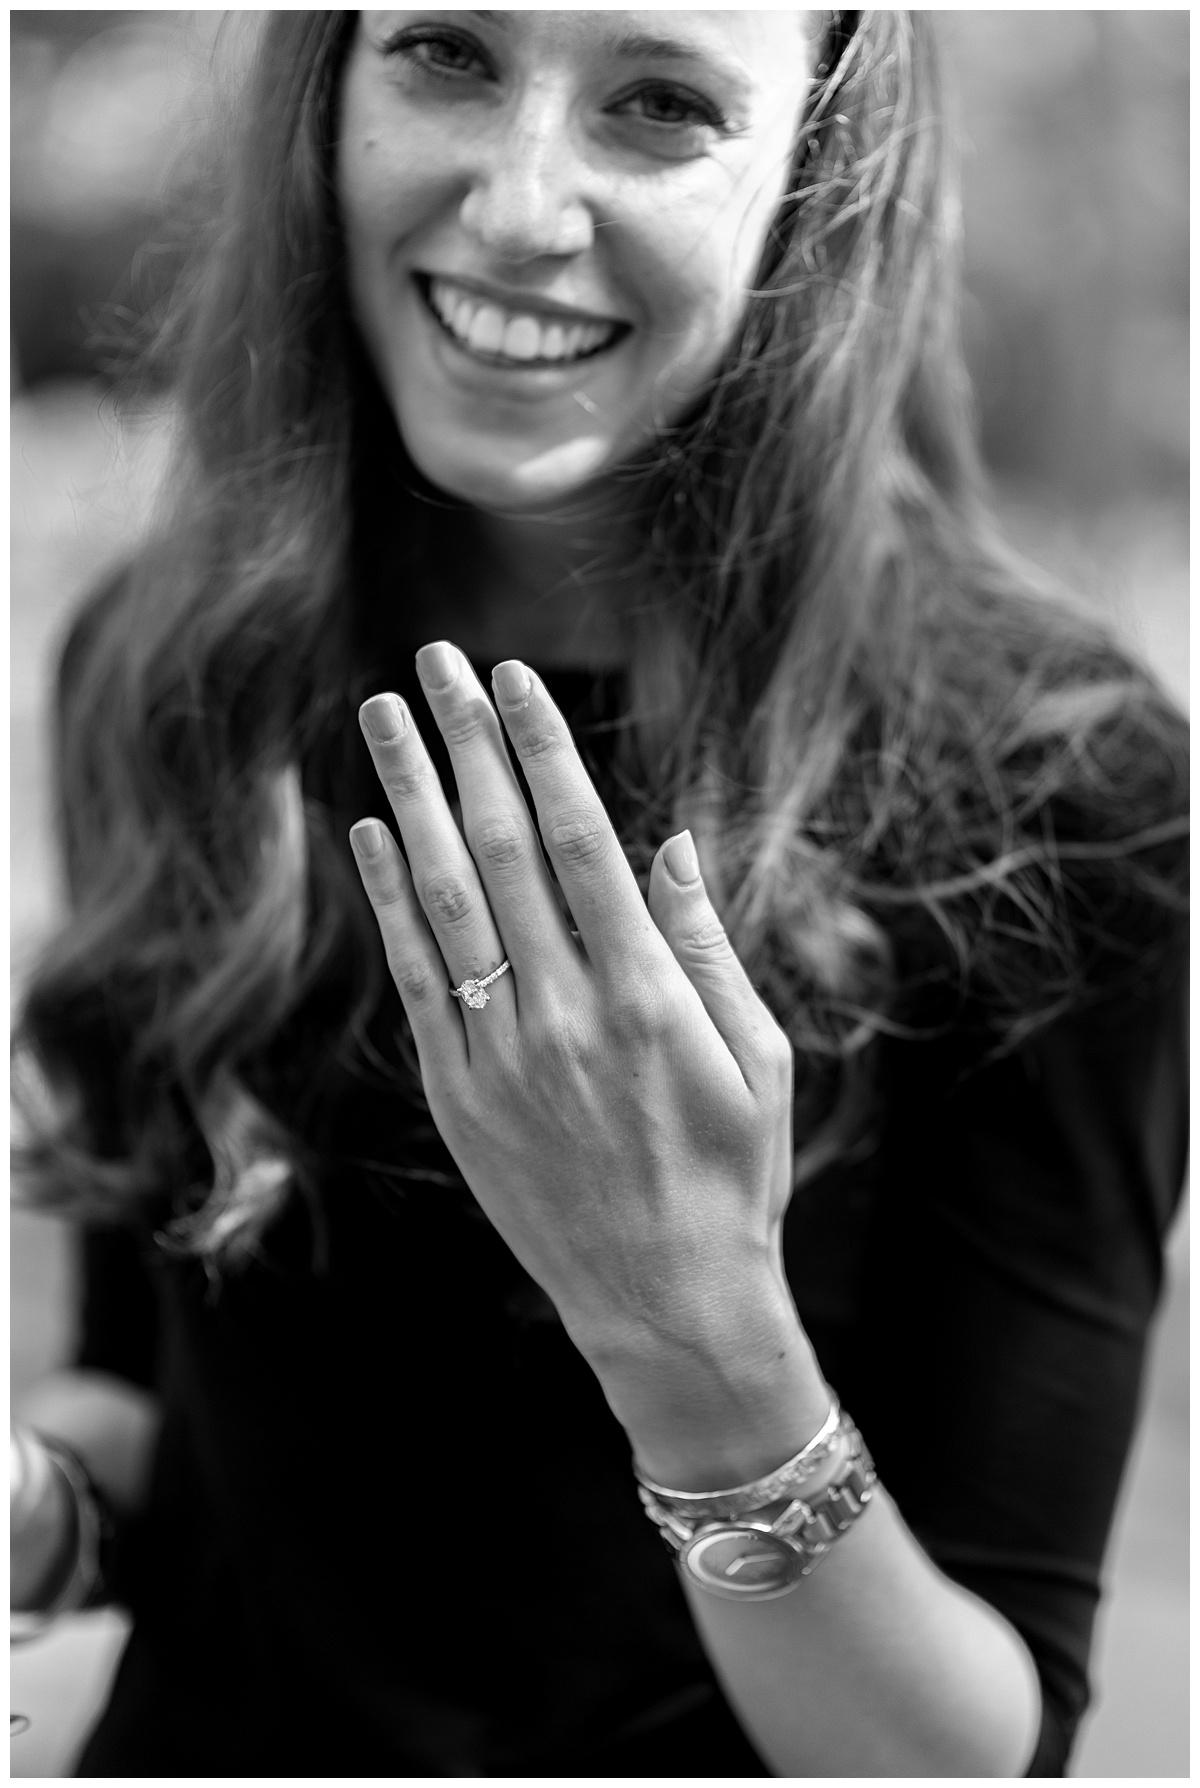 Woman gets engaged at Columbus park Boston.jpg